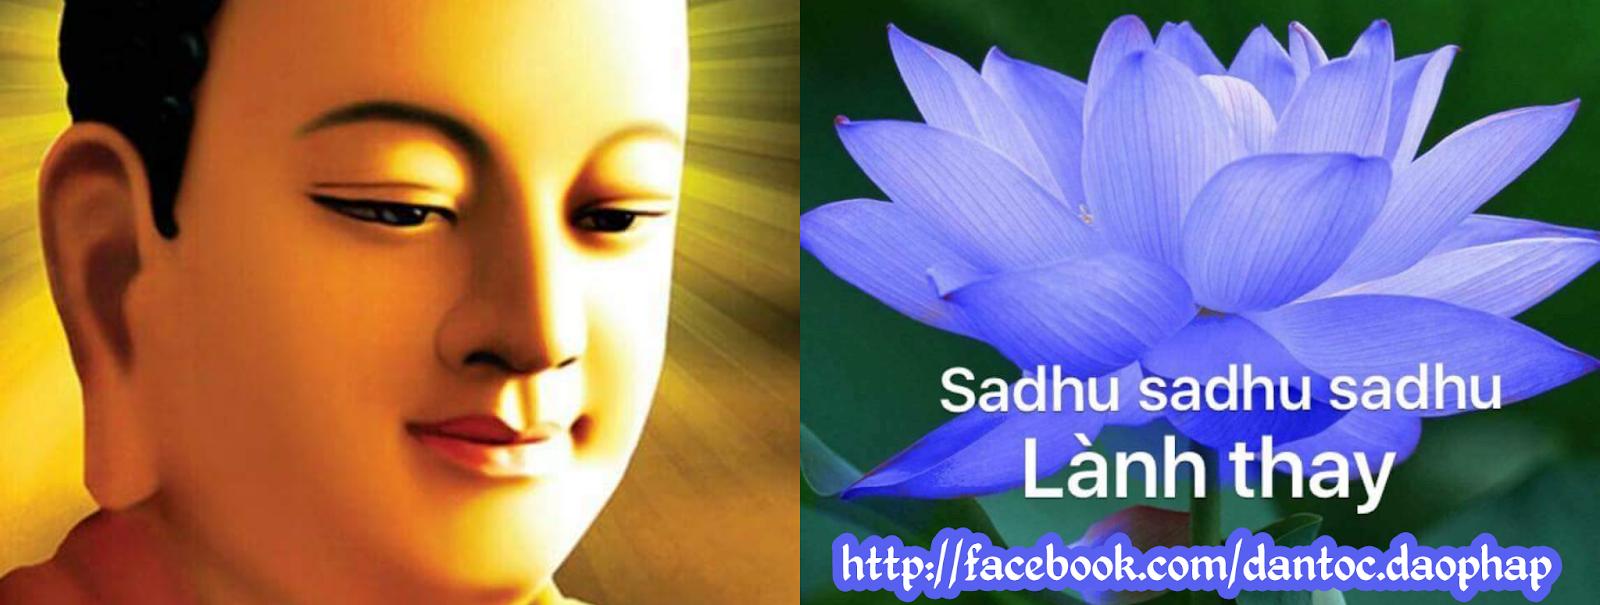 Những lời chia sẻ quý báu giúp bạn sống hạnh & giác ngộ... - Thiền sư Viên Minh